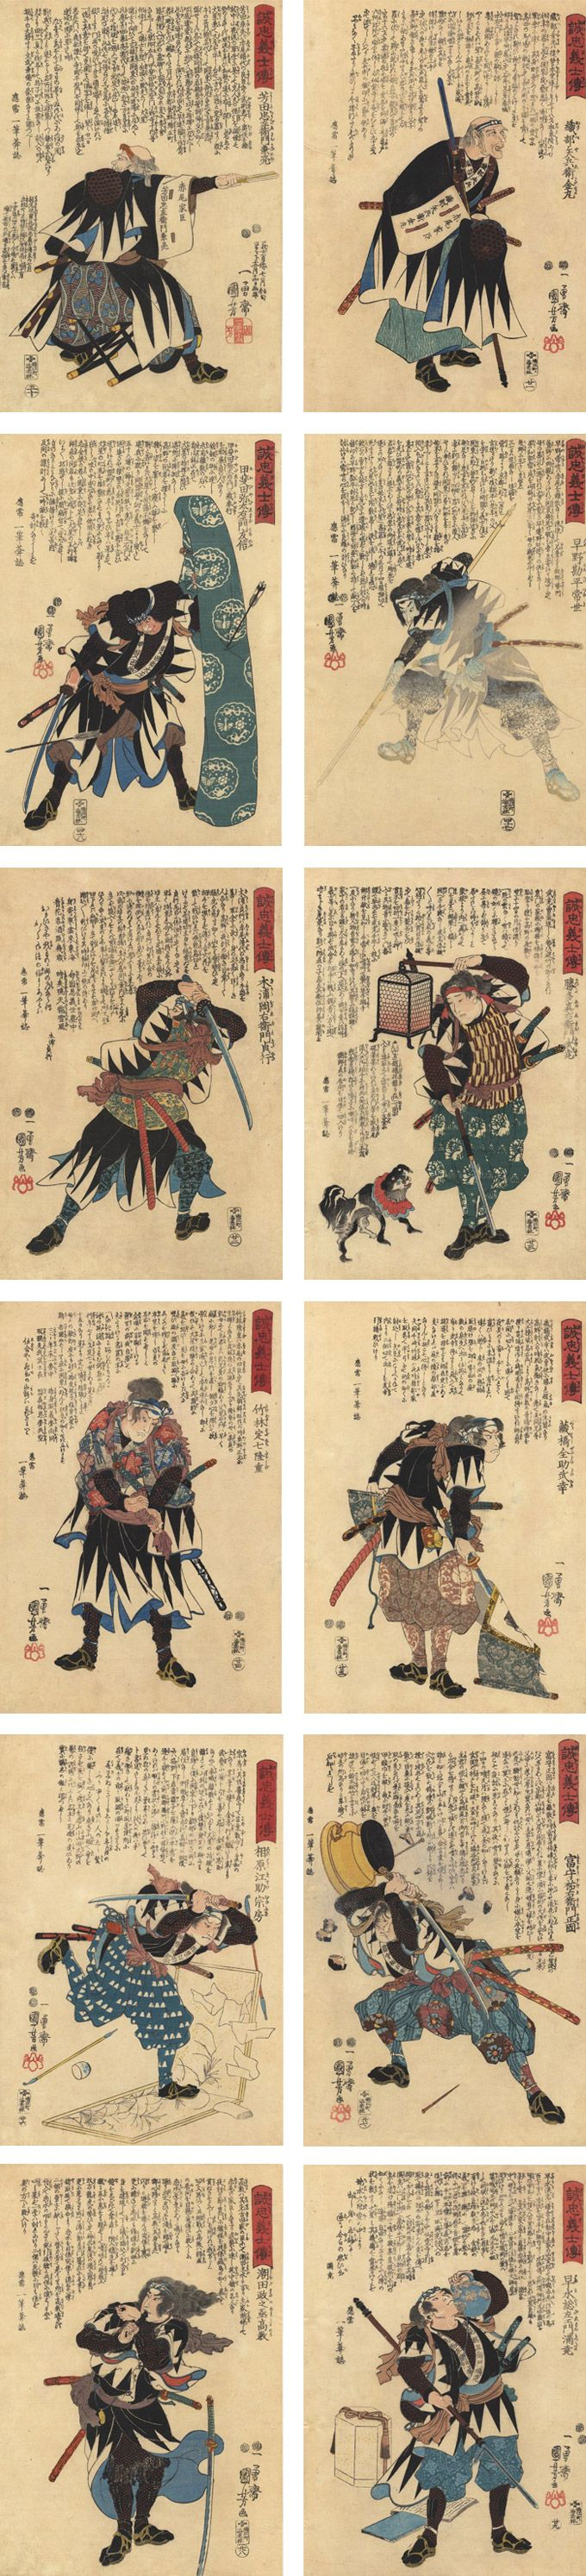 Storia di valore dei samurai e della loro lealtà verso il loro lord